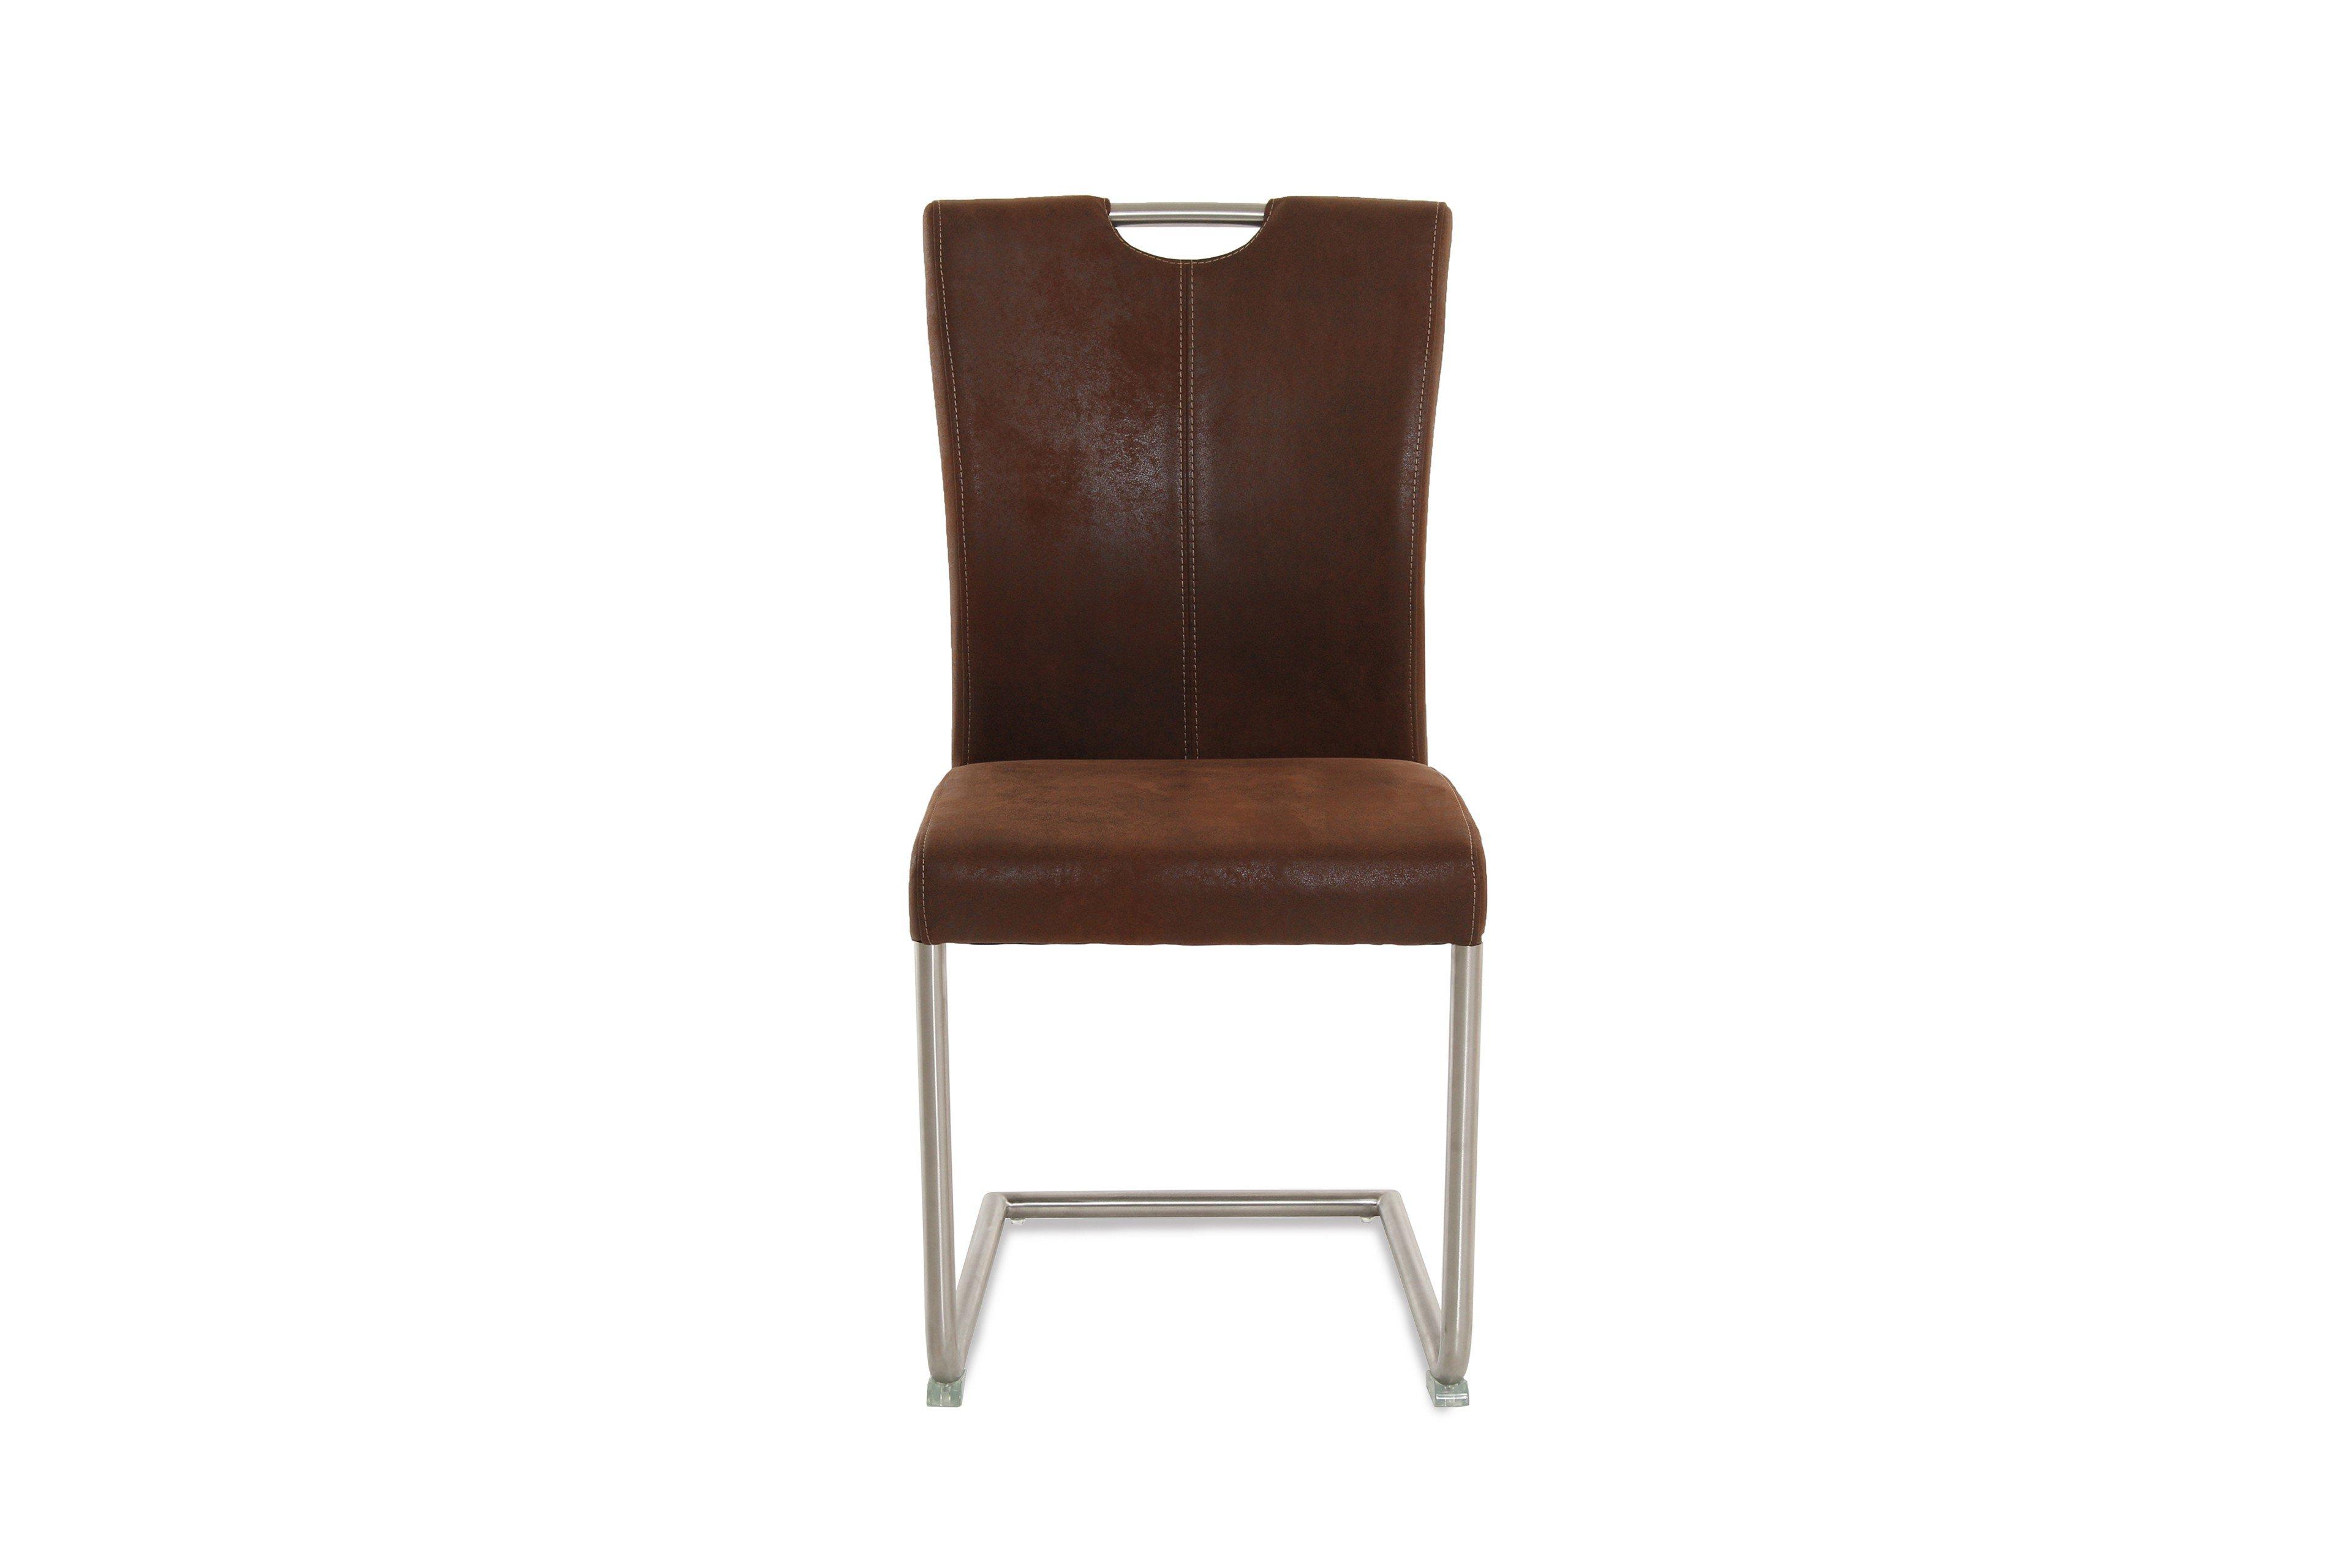 ldr stuhl larah 5070 braun edelstahl m bel letz ihr online shop. Black Bedroom Furniture Sets. Home Design Ideas